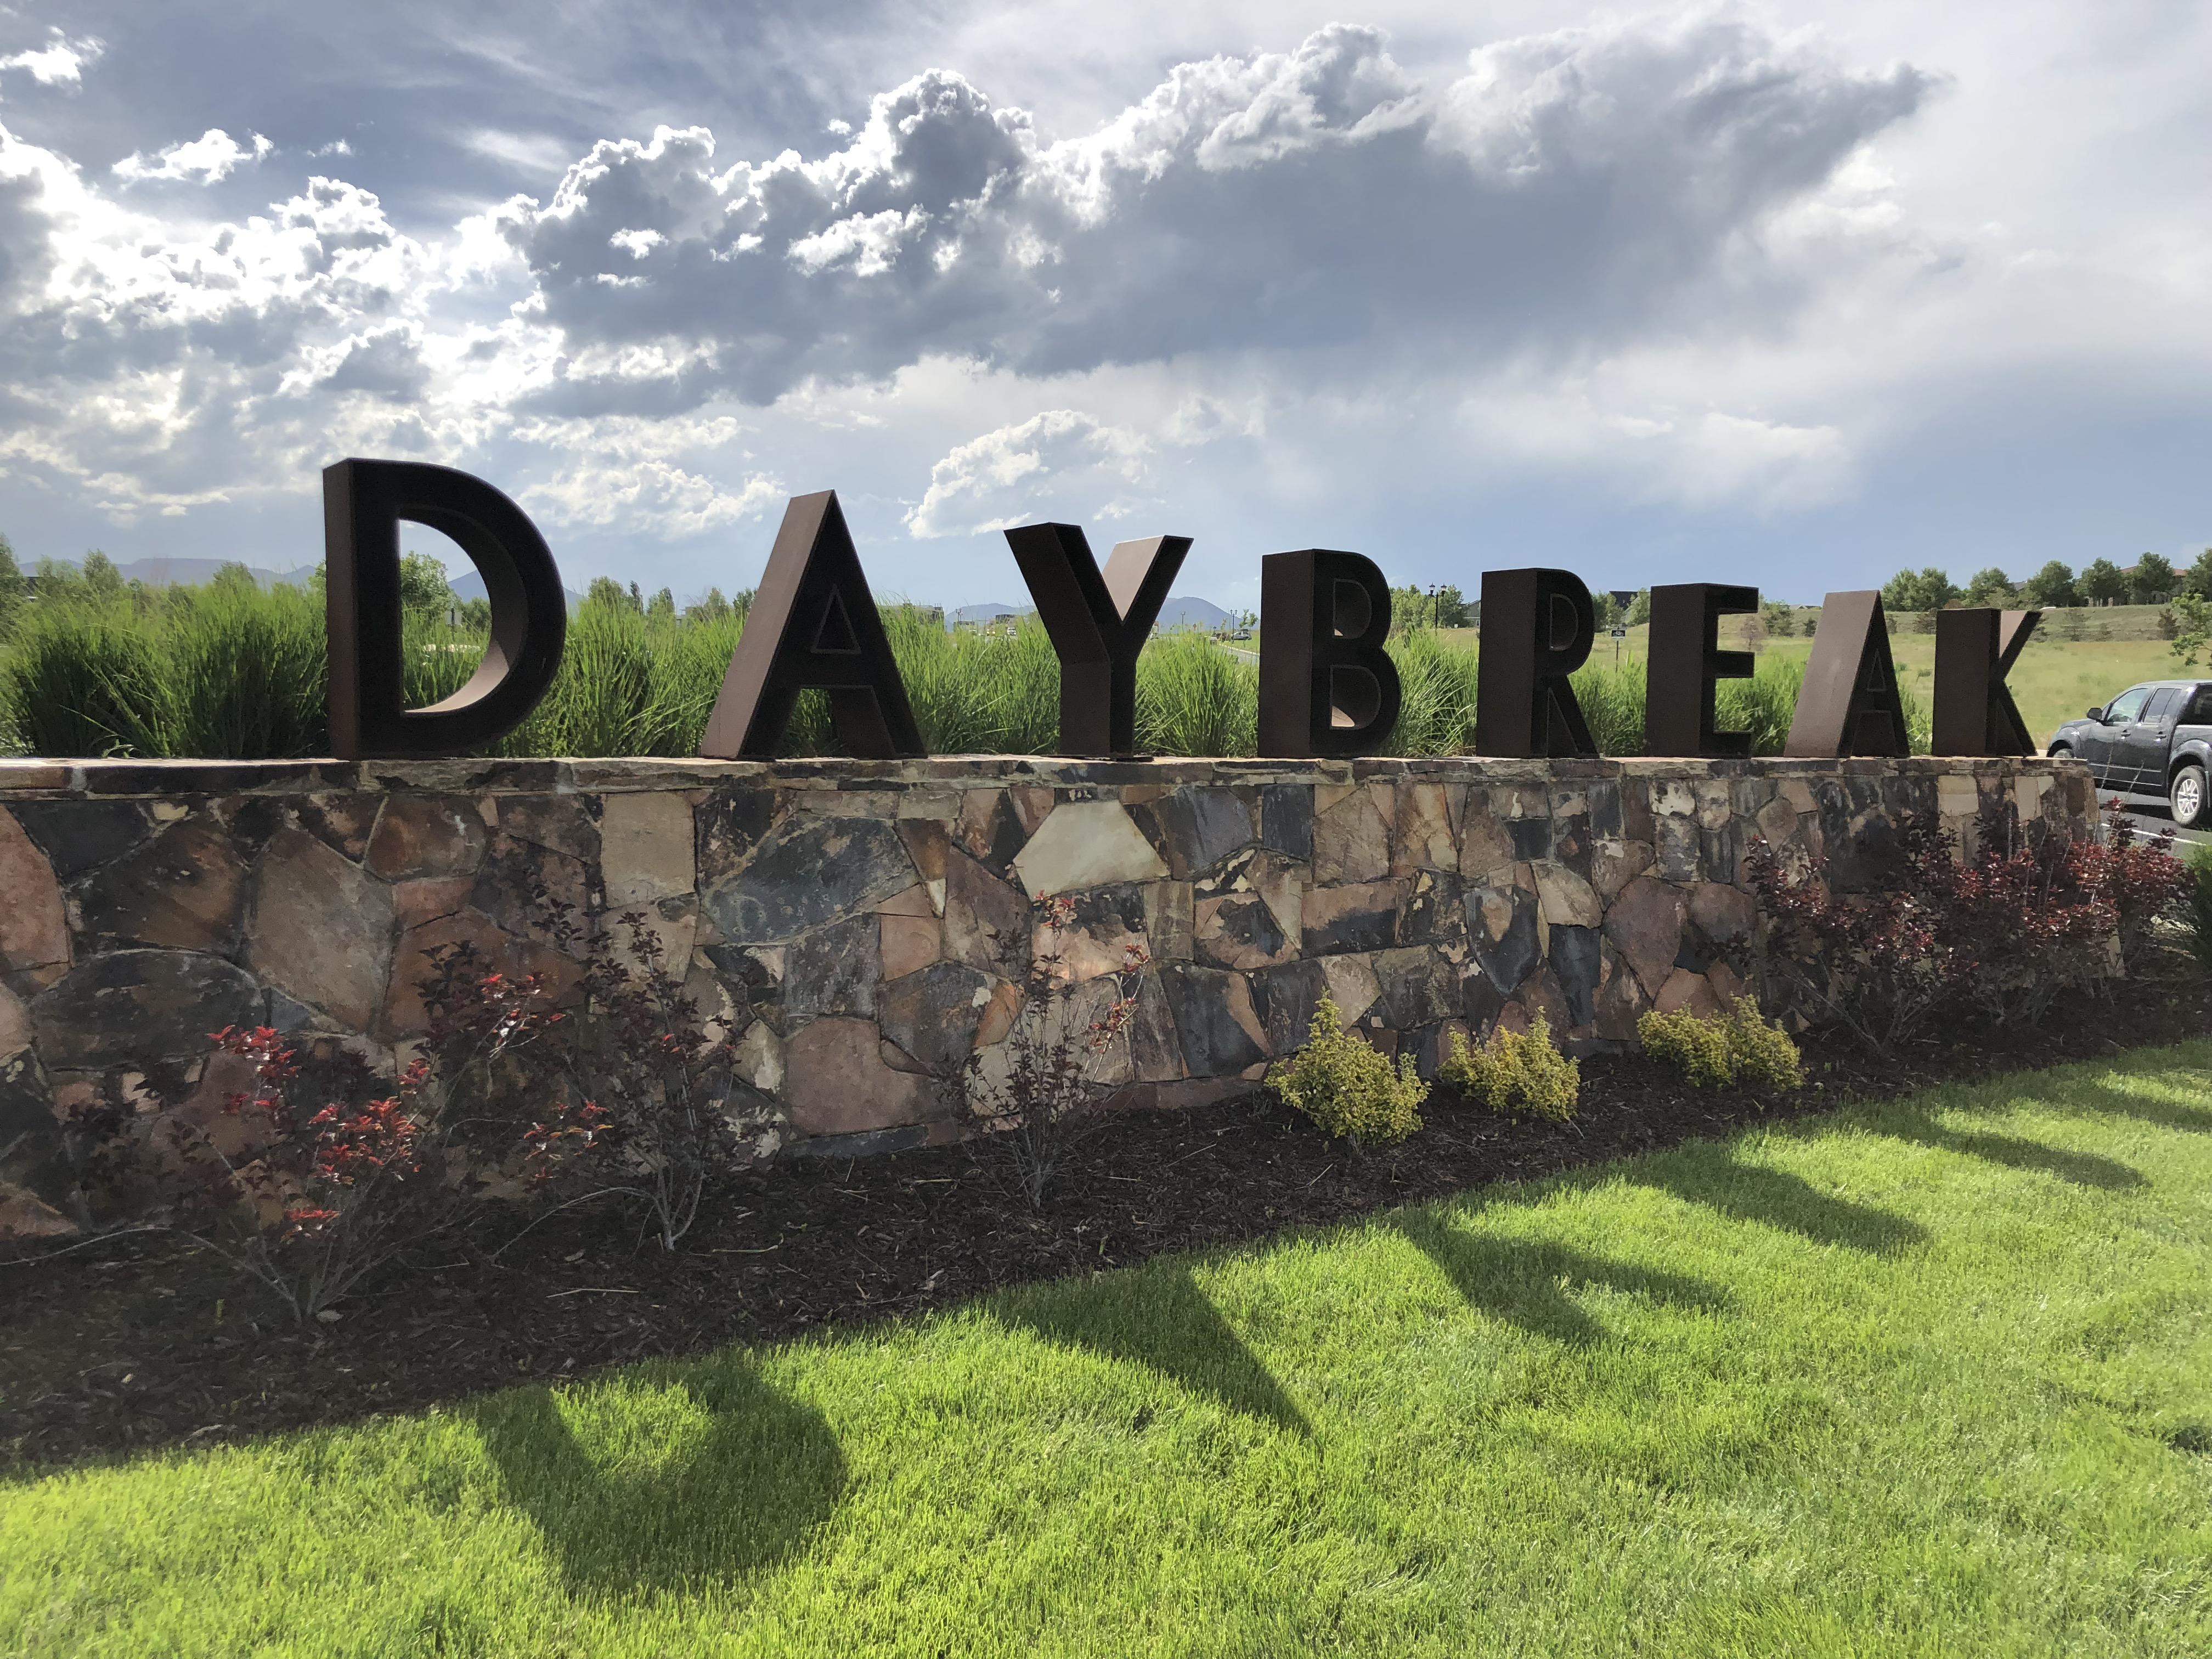 Daybreak Community photo